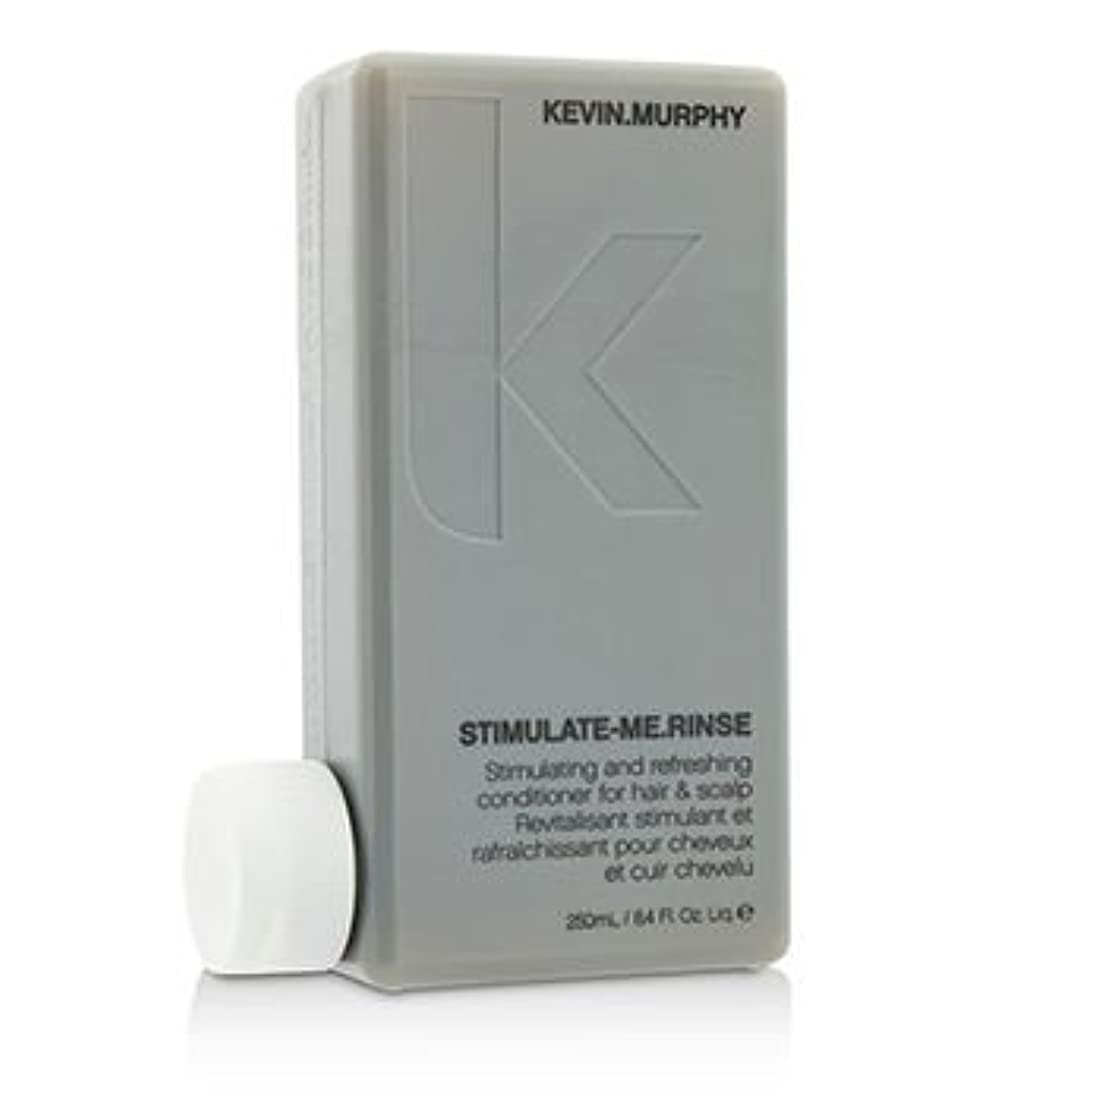 光デジタル前に[Kevin.Murphy] Stimulate-Me.Rinse (Stimulating and Refreshing Conditioner - For Hair & Scalp) 250ml/8.4oz